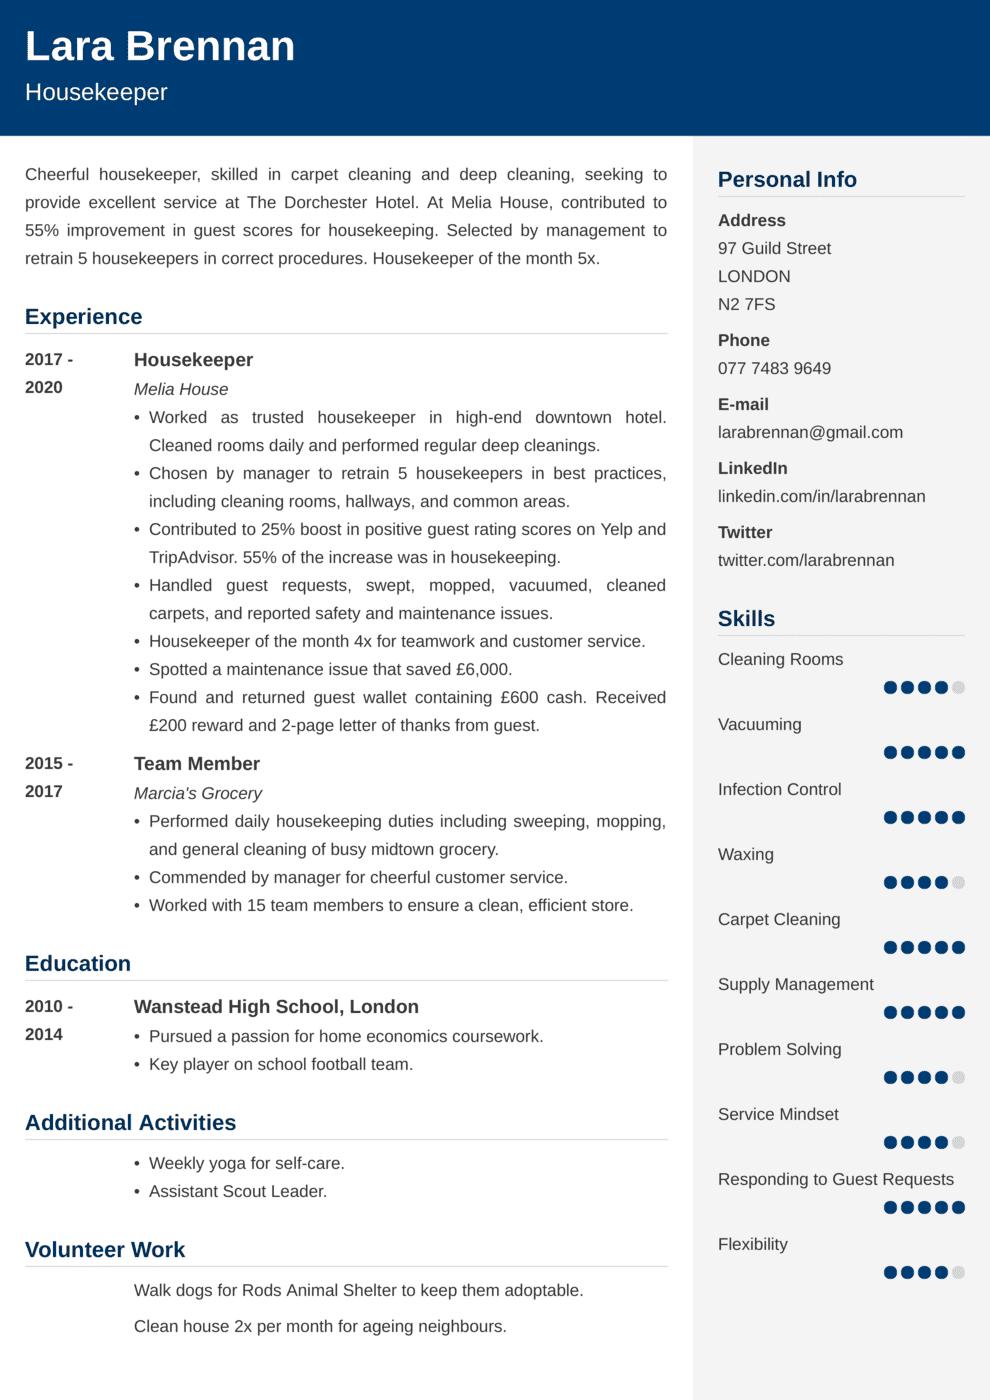 Housekeeping CV Example